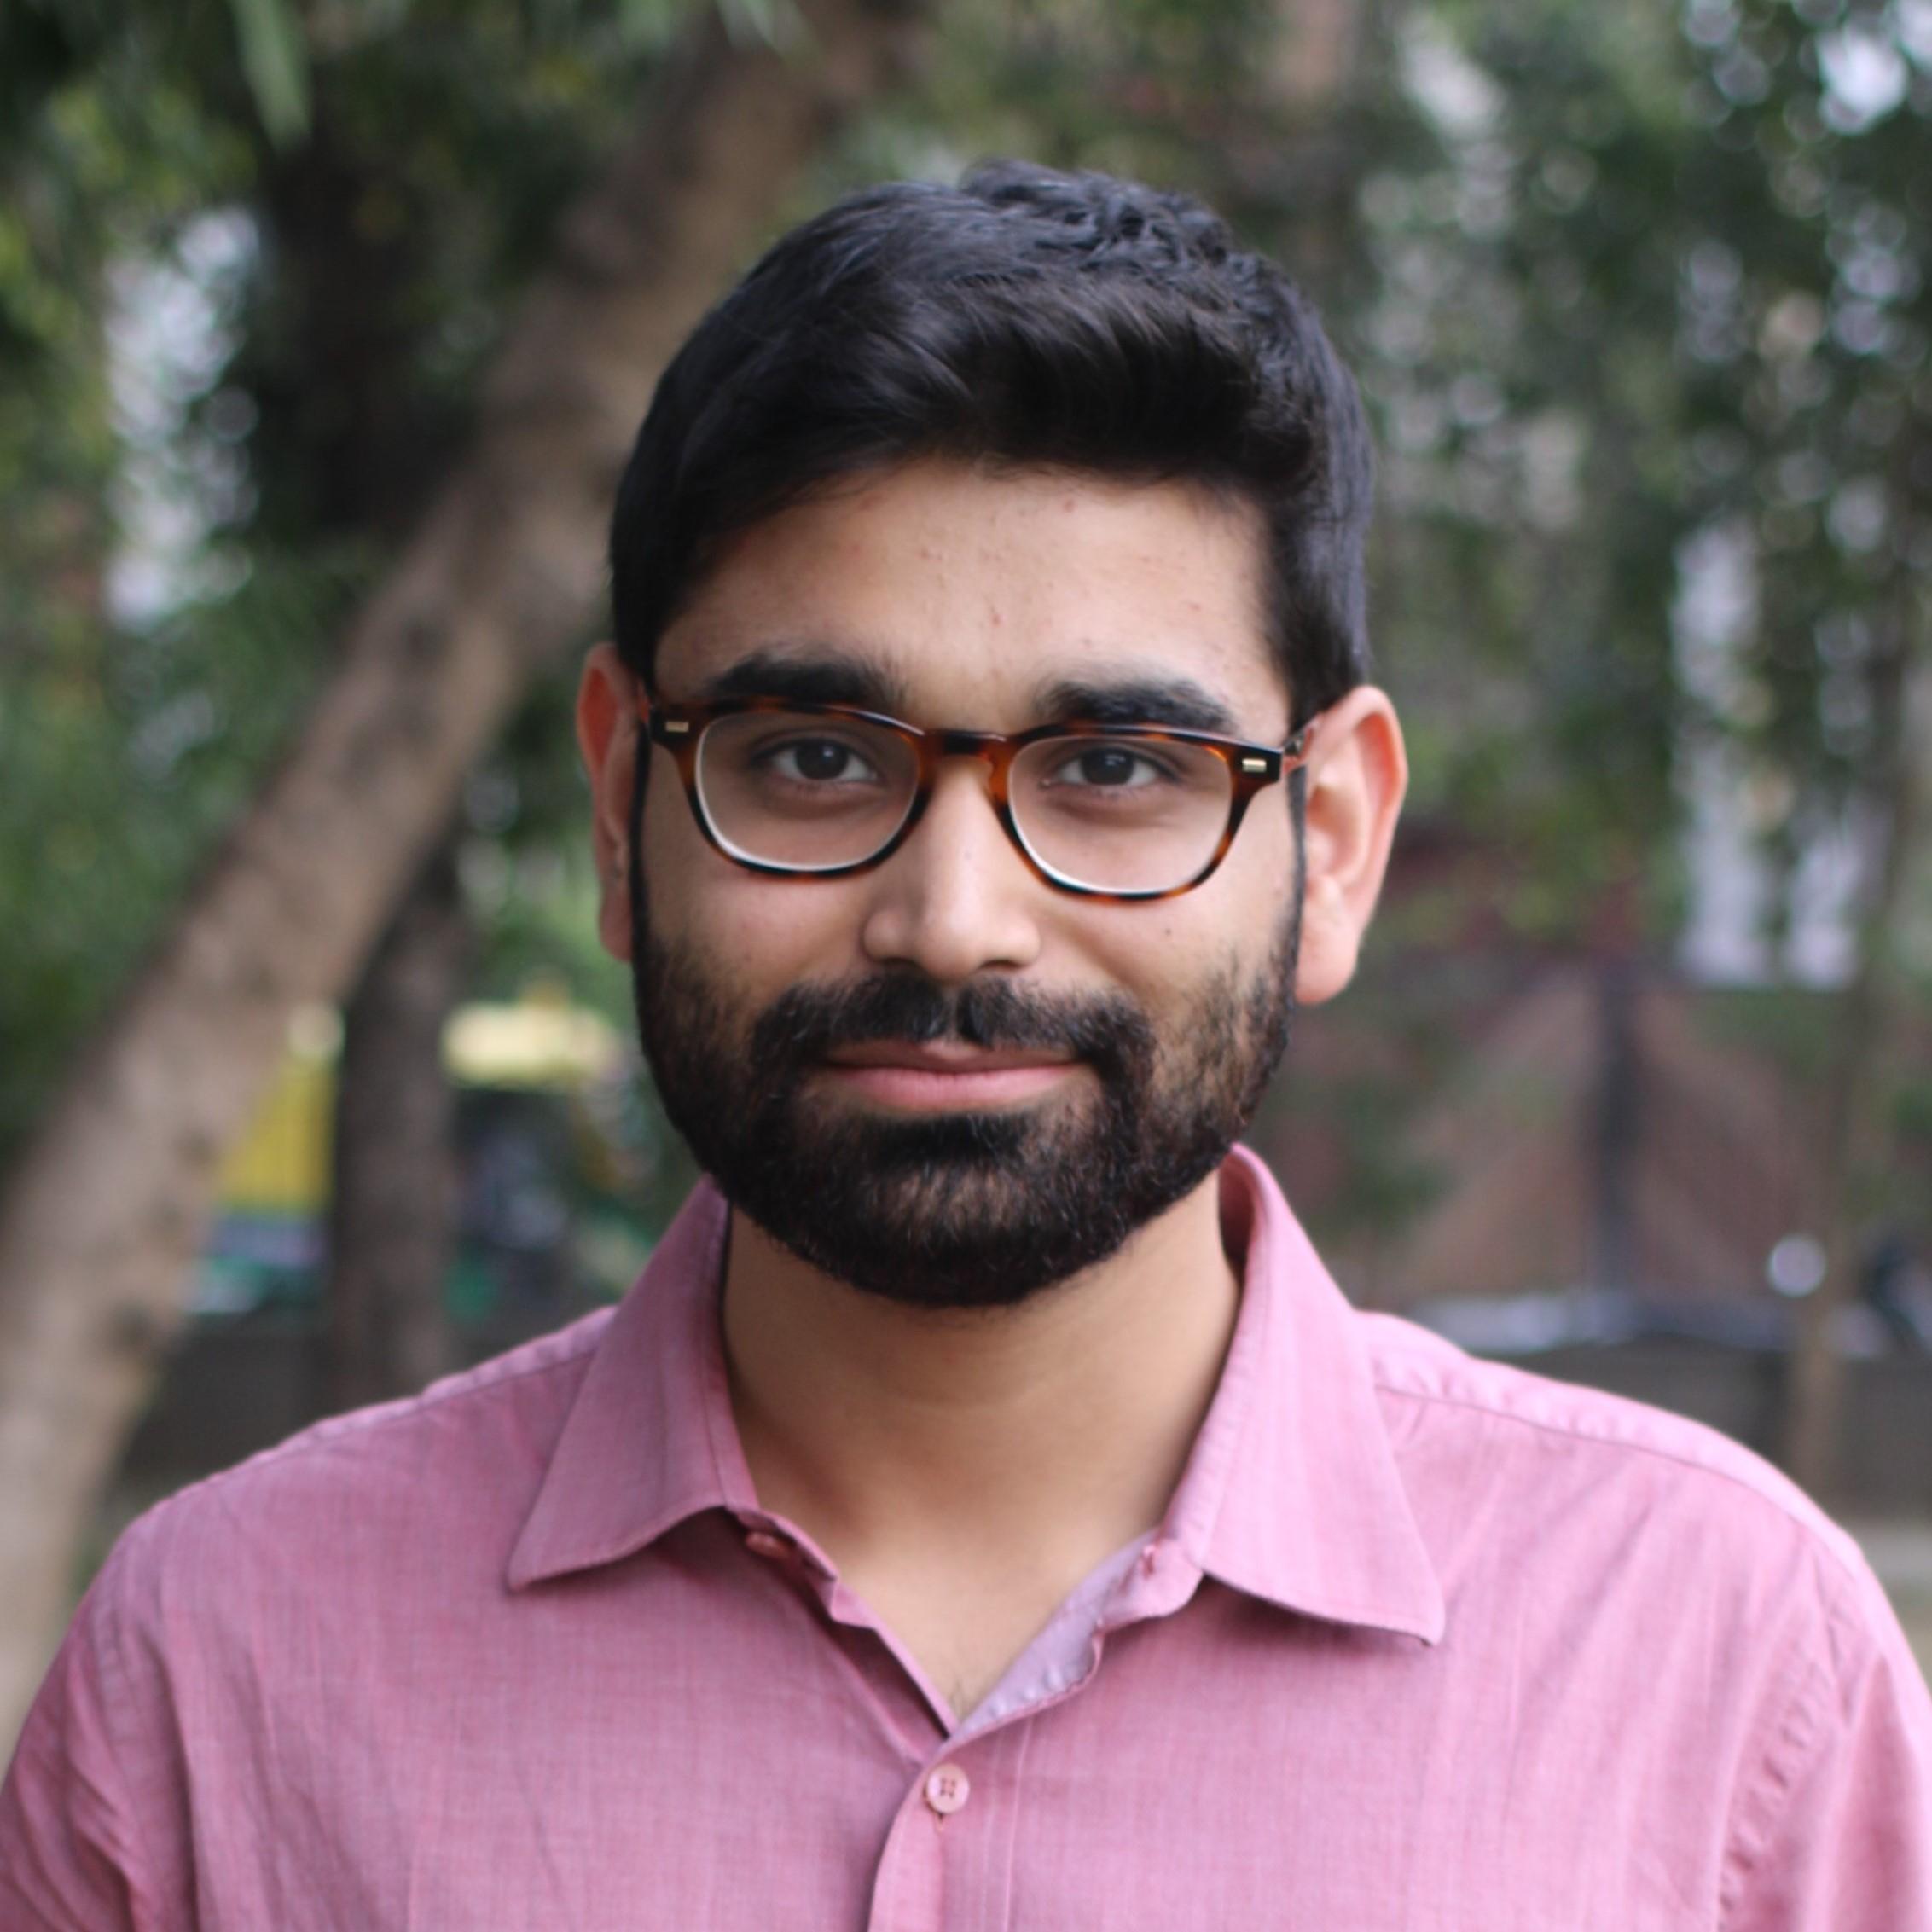 Ananya Kotia - A Economics (Delhi, Cambridge), M.Phil. Economics (Oxford)